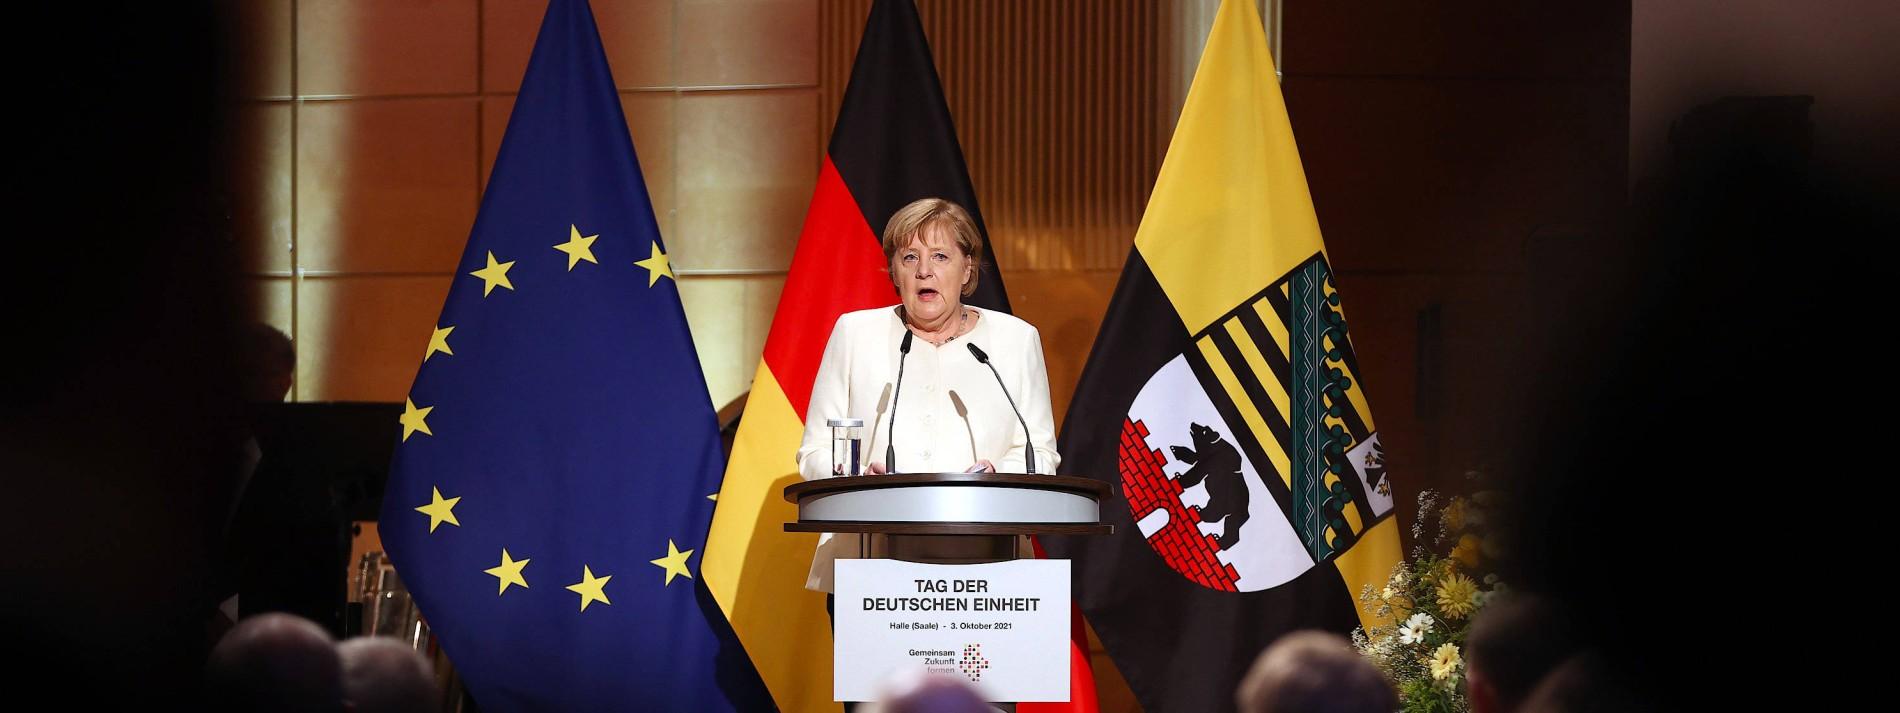 Merkel ruft zur Verteidigung der Demokratie auf